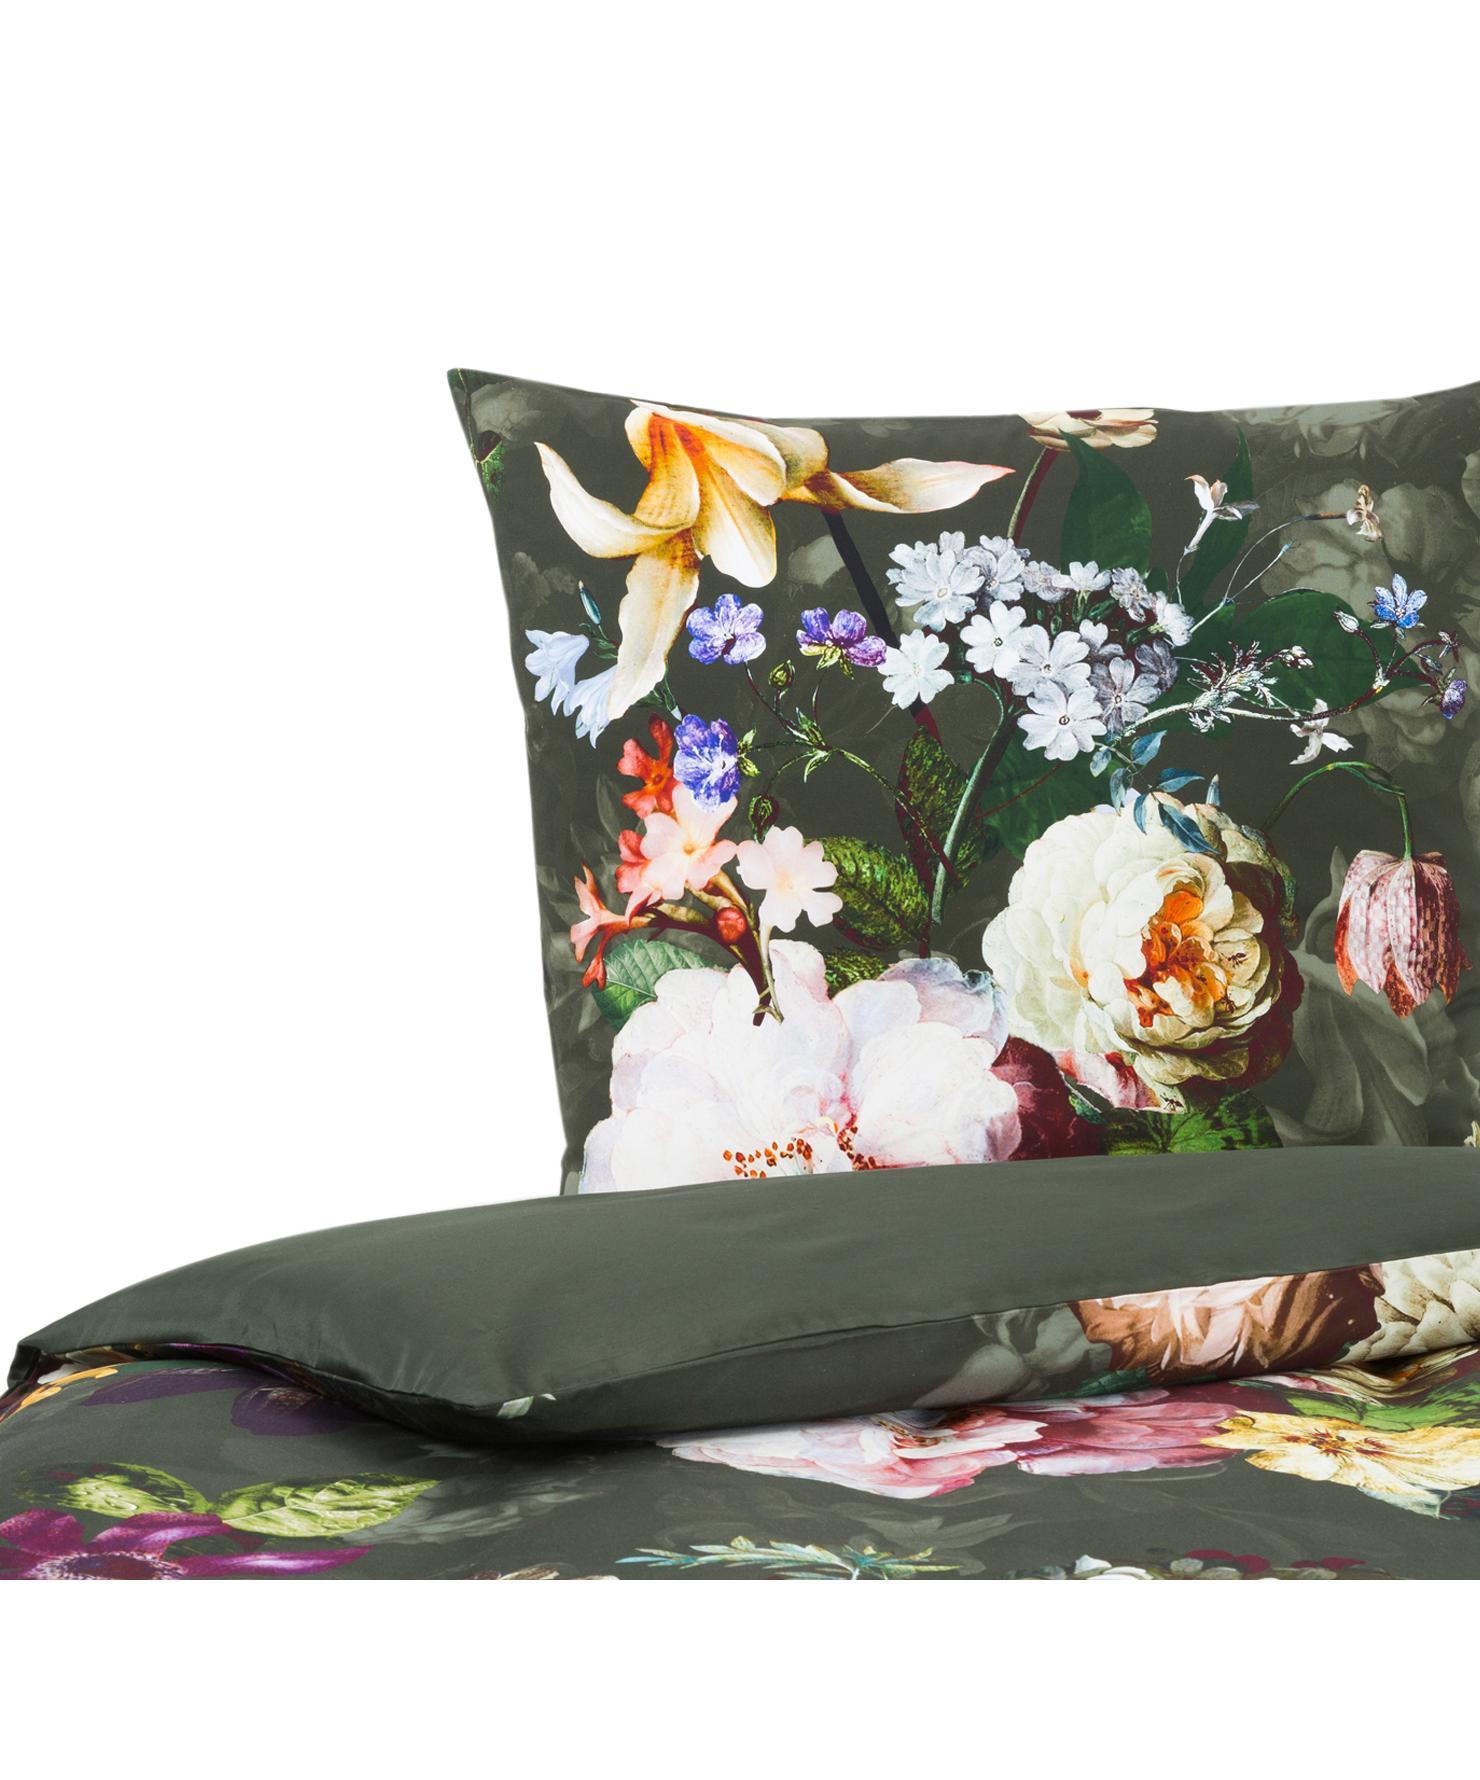 Katoenen dekbedovertrek Fleur, Weeftechniek: satijn Draaddichtheid 209, Groen, 140 x 220 cm